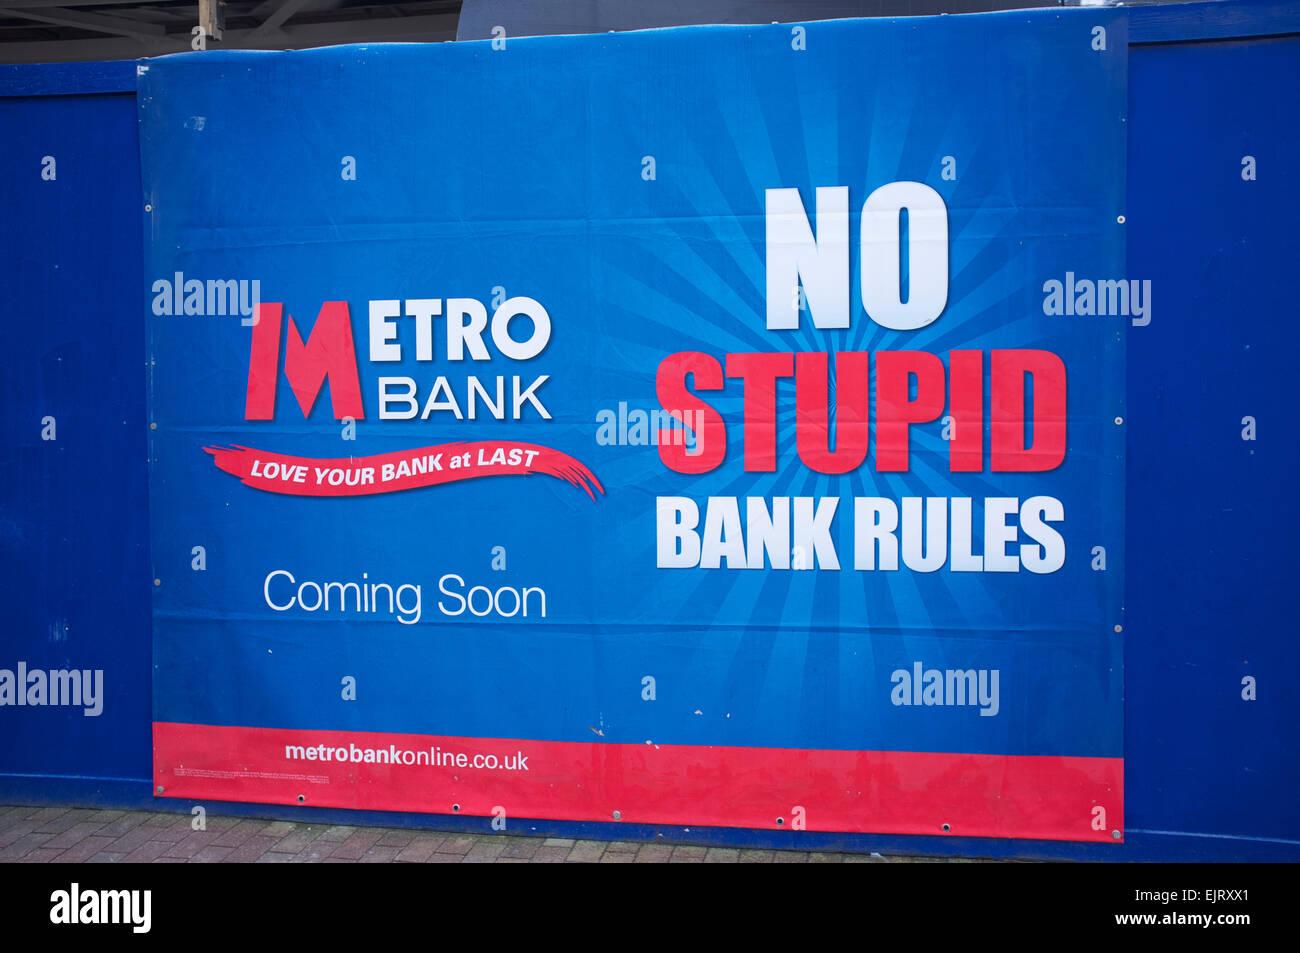 Nouvelle ouverture de la Banque Métro à Tunbridge Wells. Pas de règles bancaires stupide Photo Stock